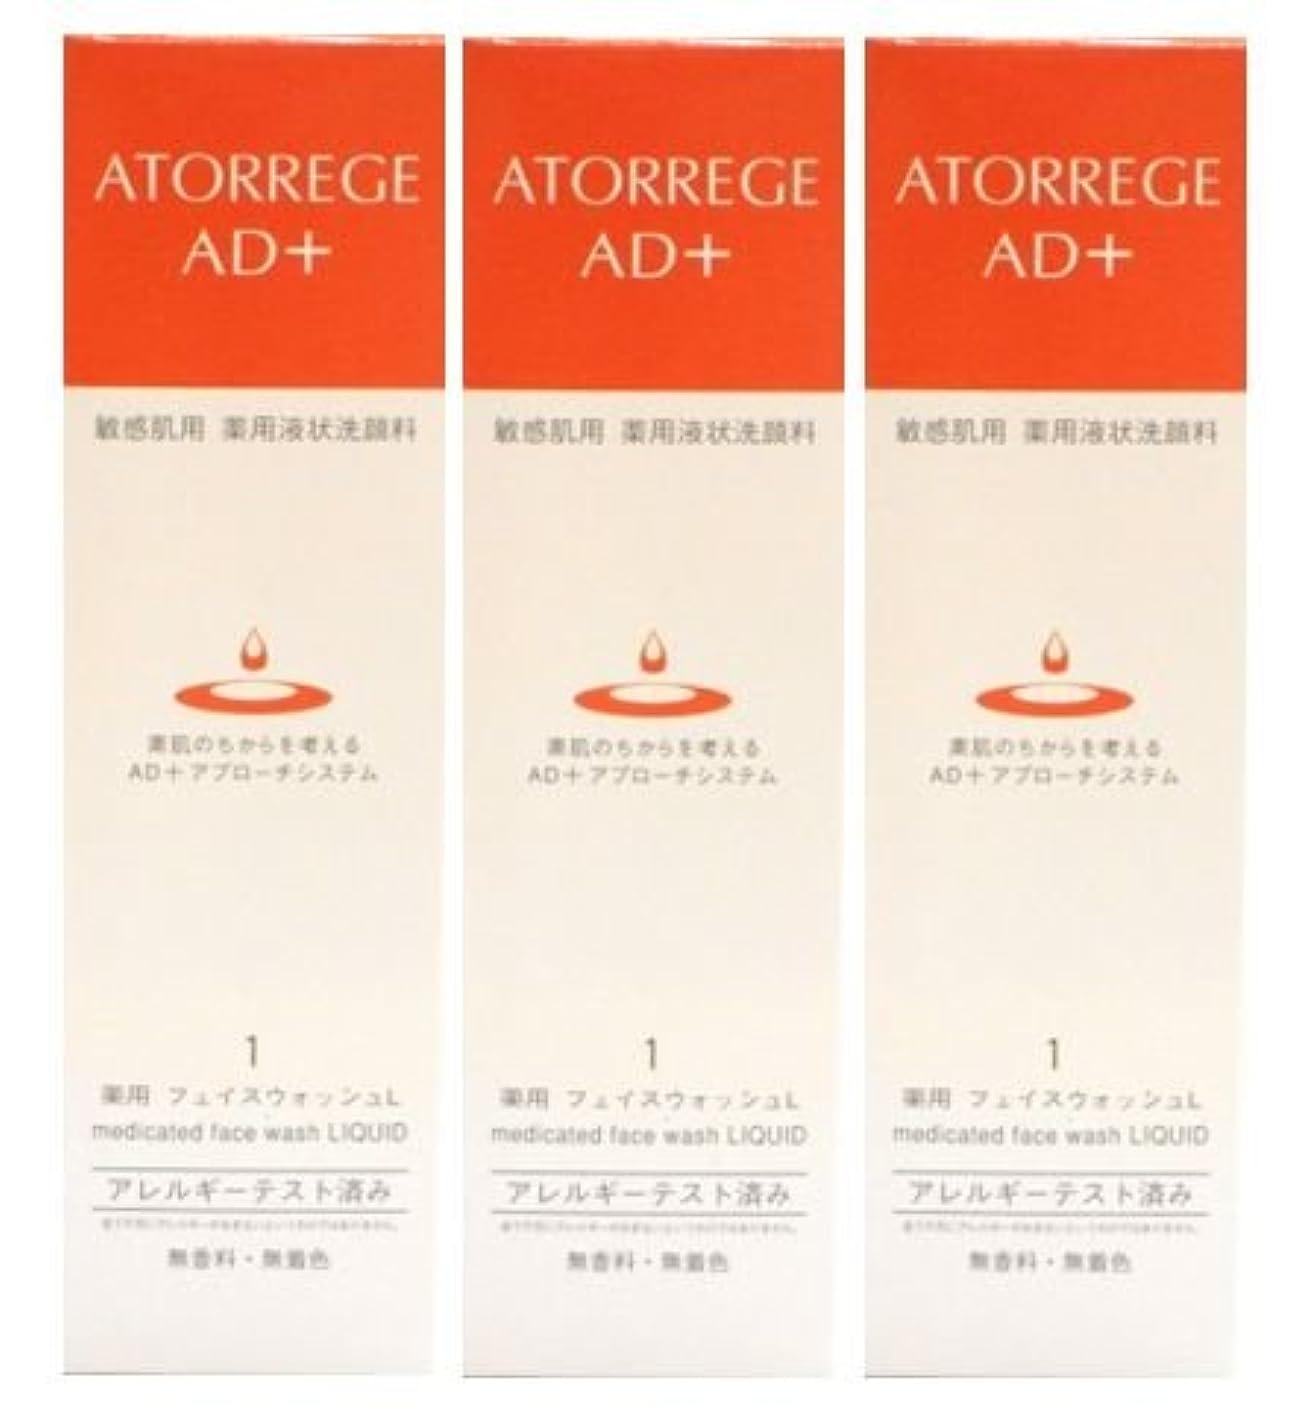 乳白色高さキモい(アンズコーポレーション)アトレージュAD+フェイスウォッシュL 150ml(医薬部外品)(お買い得3個セット)